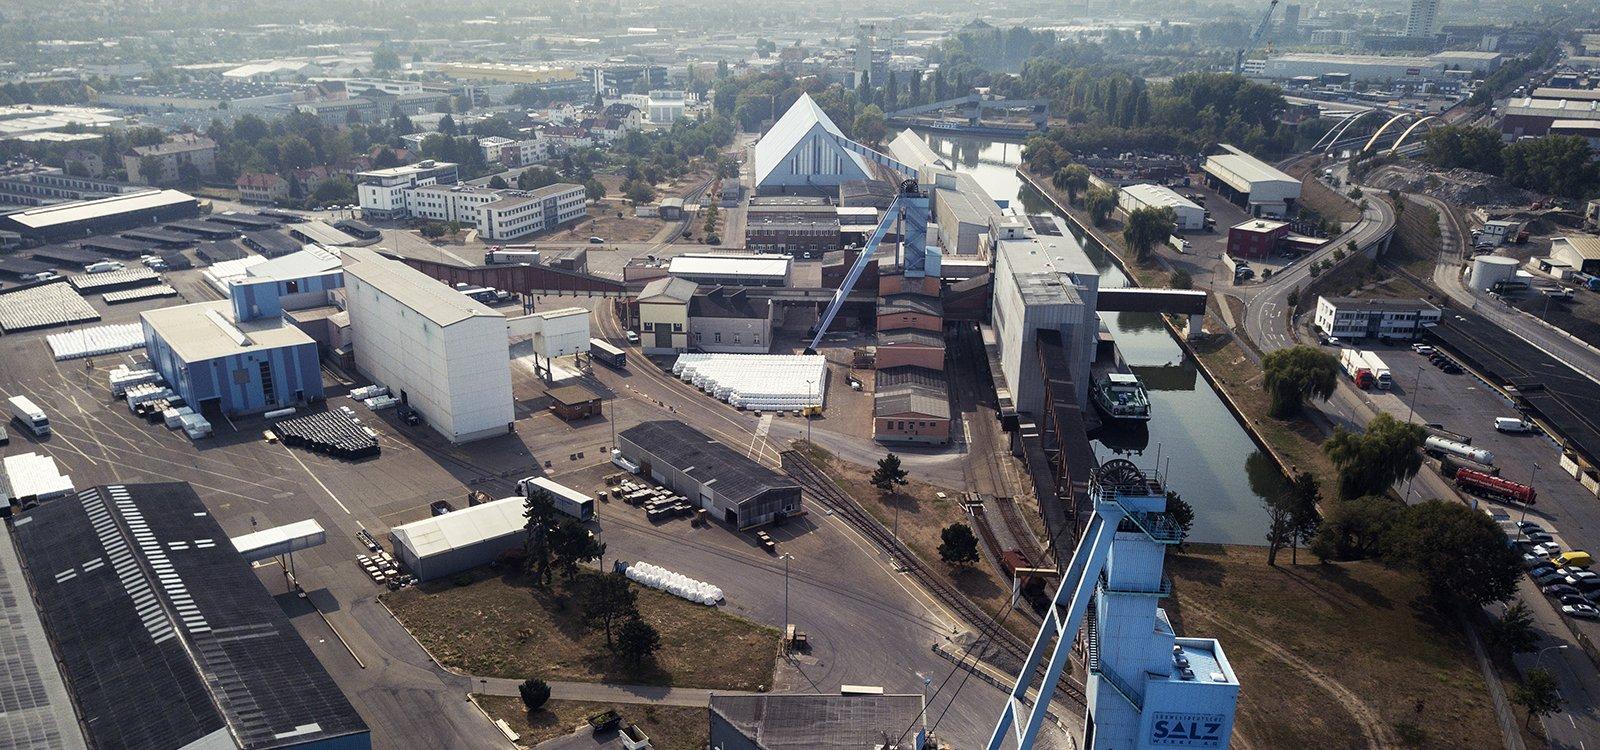 O céu azul se eleva acima das instalações de superfície na mina de sal Heilbronn, da Südwestdeutsche Salzwerke AG.